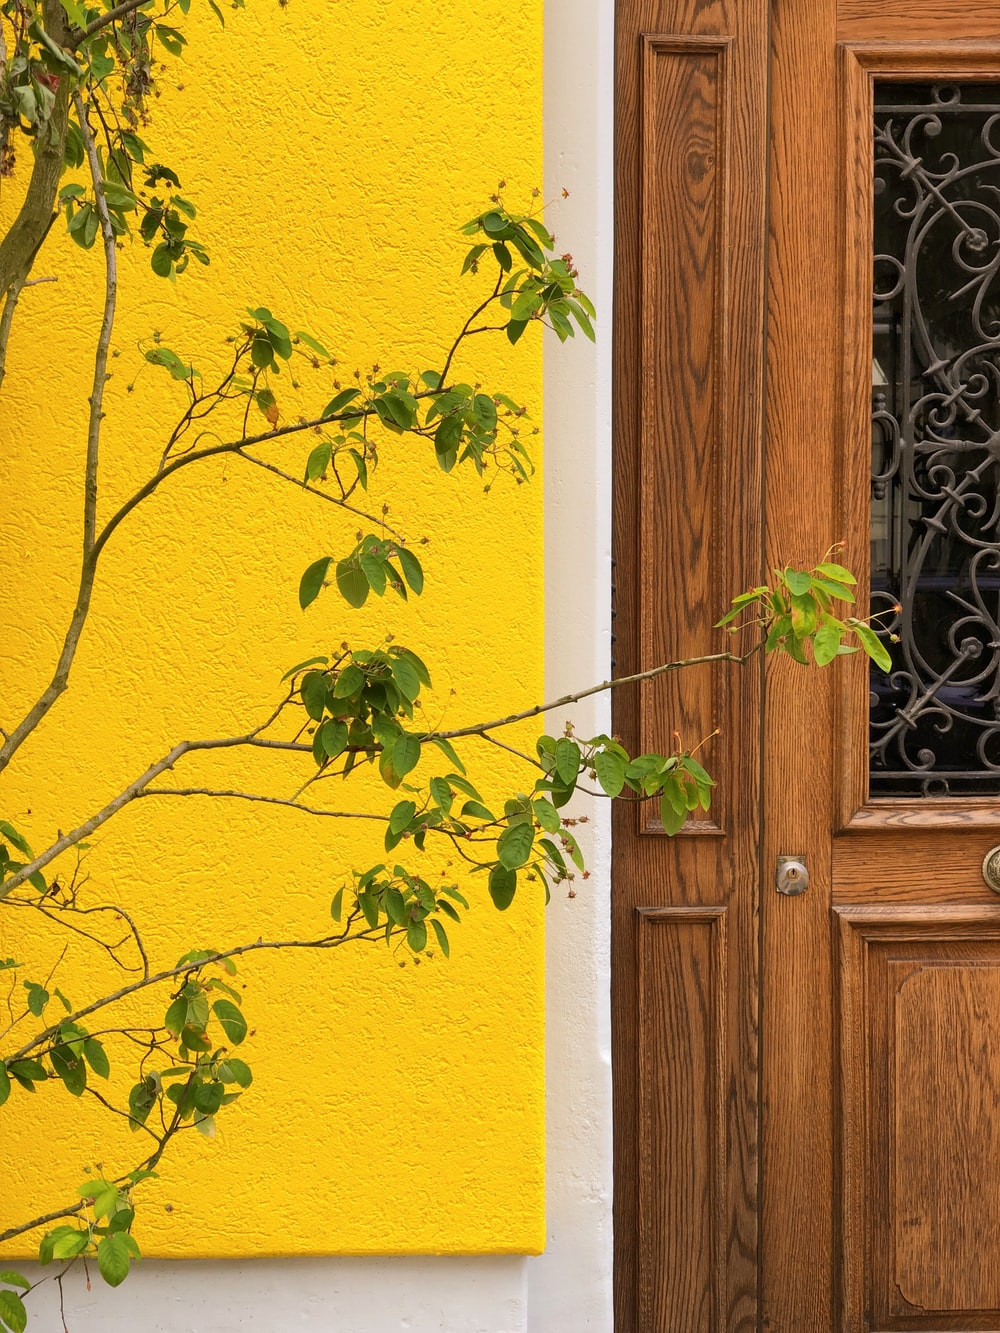 green tree beside door